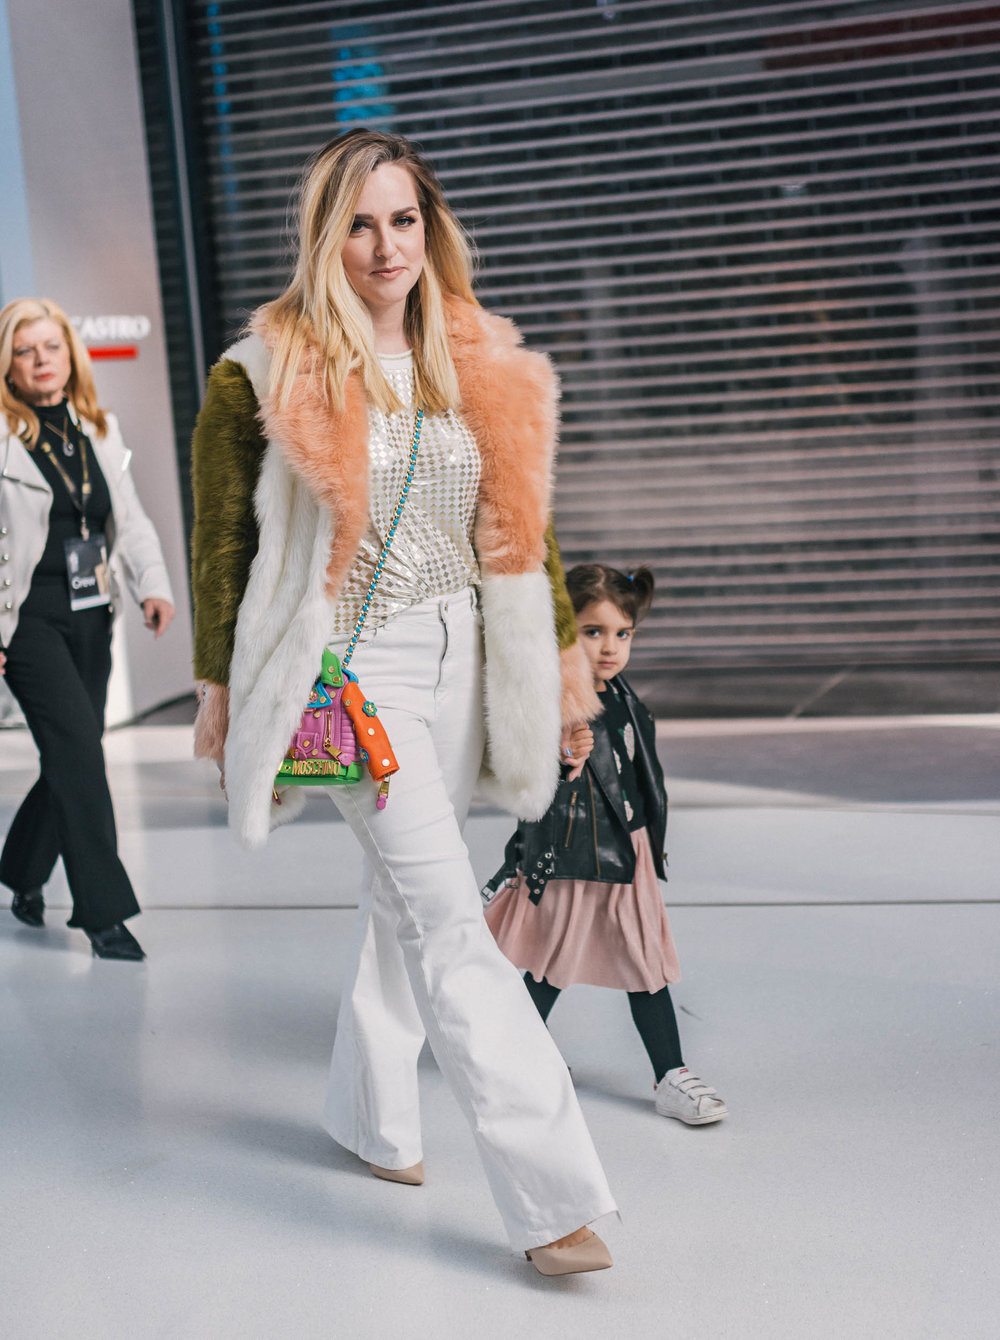 אשלי בקשי וקסמן  עם הבת יוצאות מתצוגת האופנה של  FLAMINGO